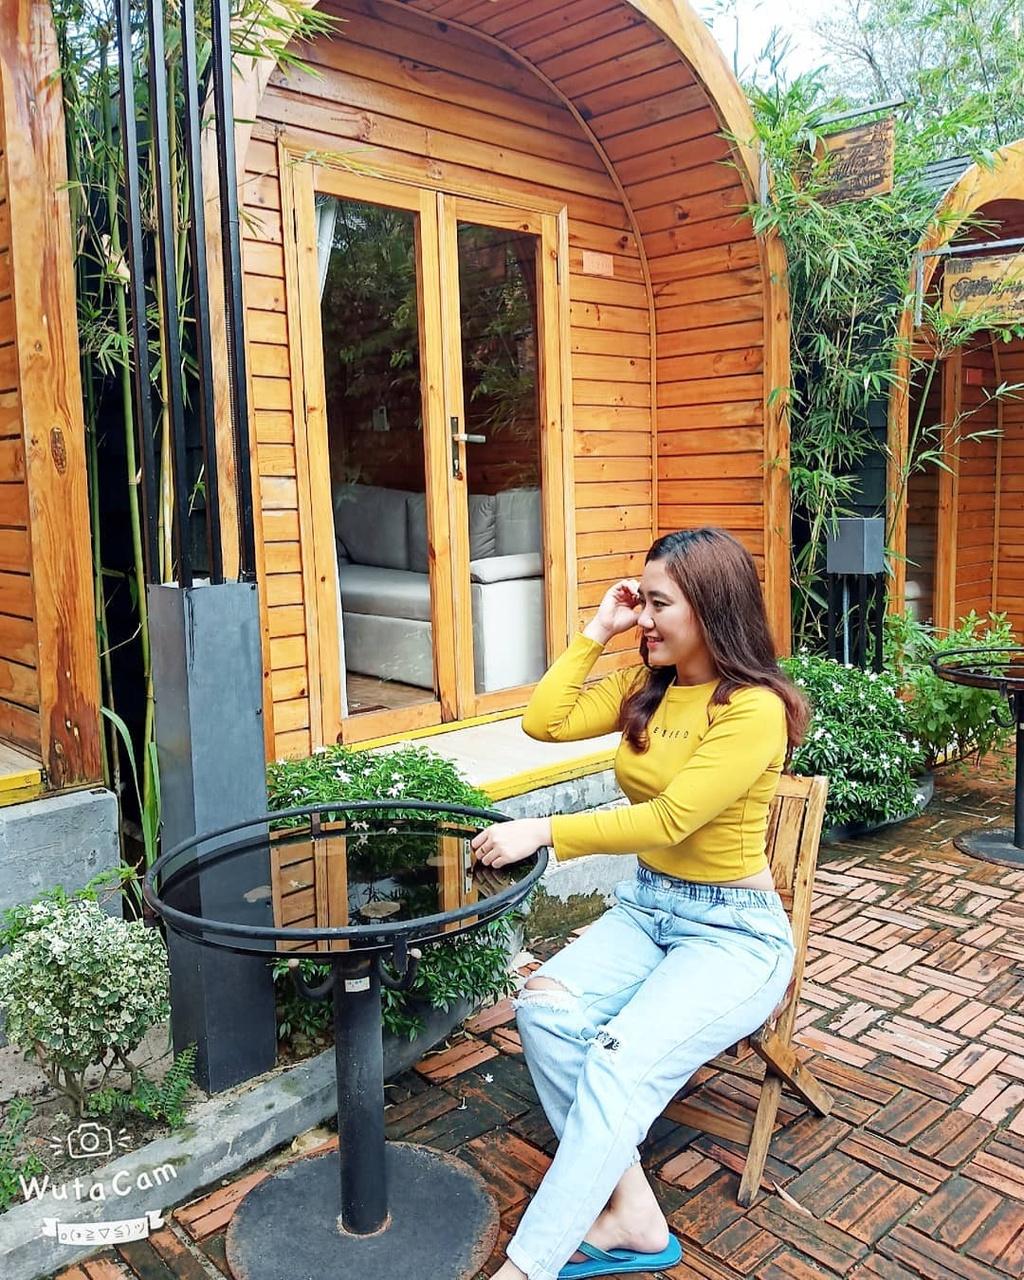 5 homestay Phu Quoc gia duoi 1 trieu dong hinh anh 4  - suongvn71_71092680_760896097686080_1192442518992703355_n_1 - 5 homestay Phú Quốc giá dưới 1 triệu đồng